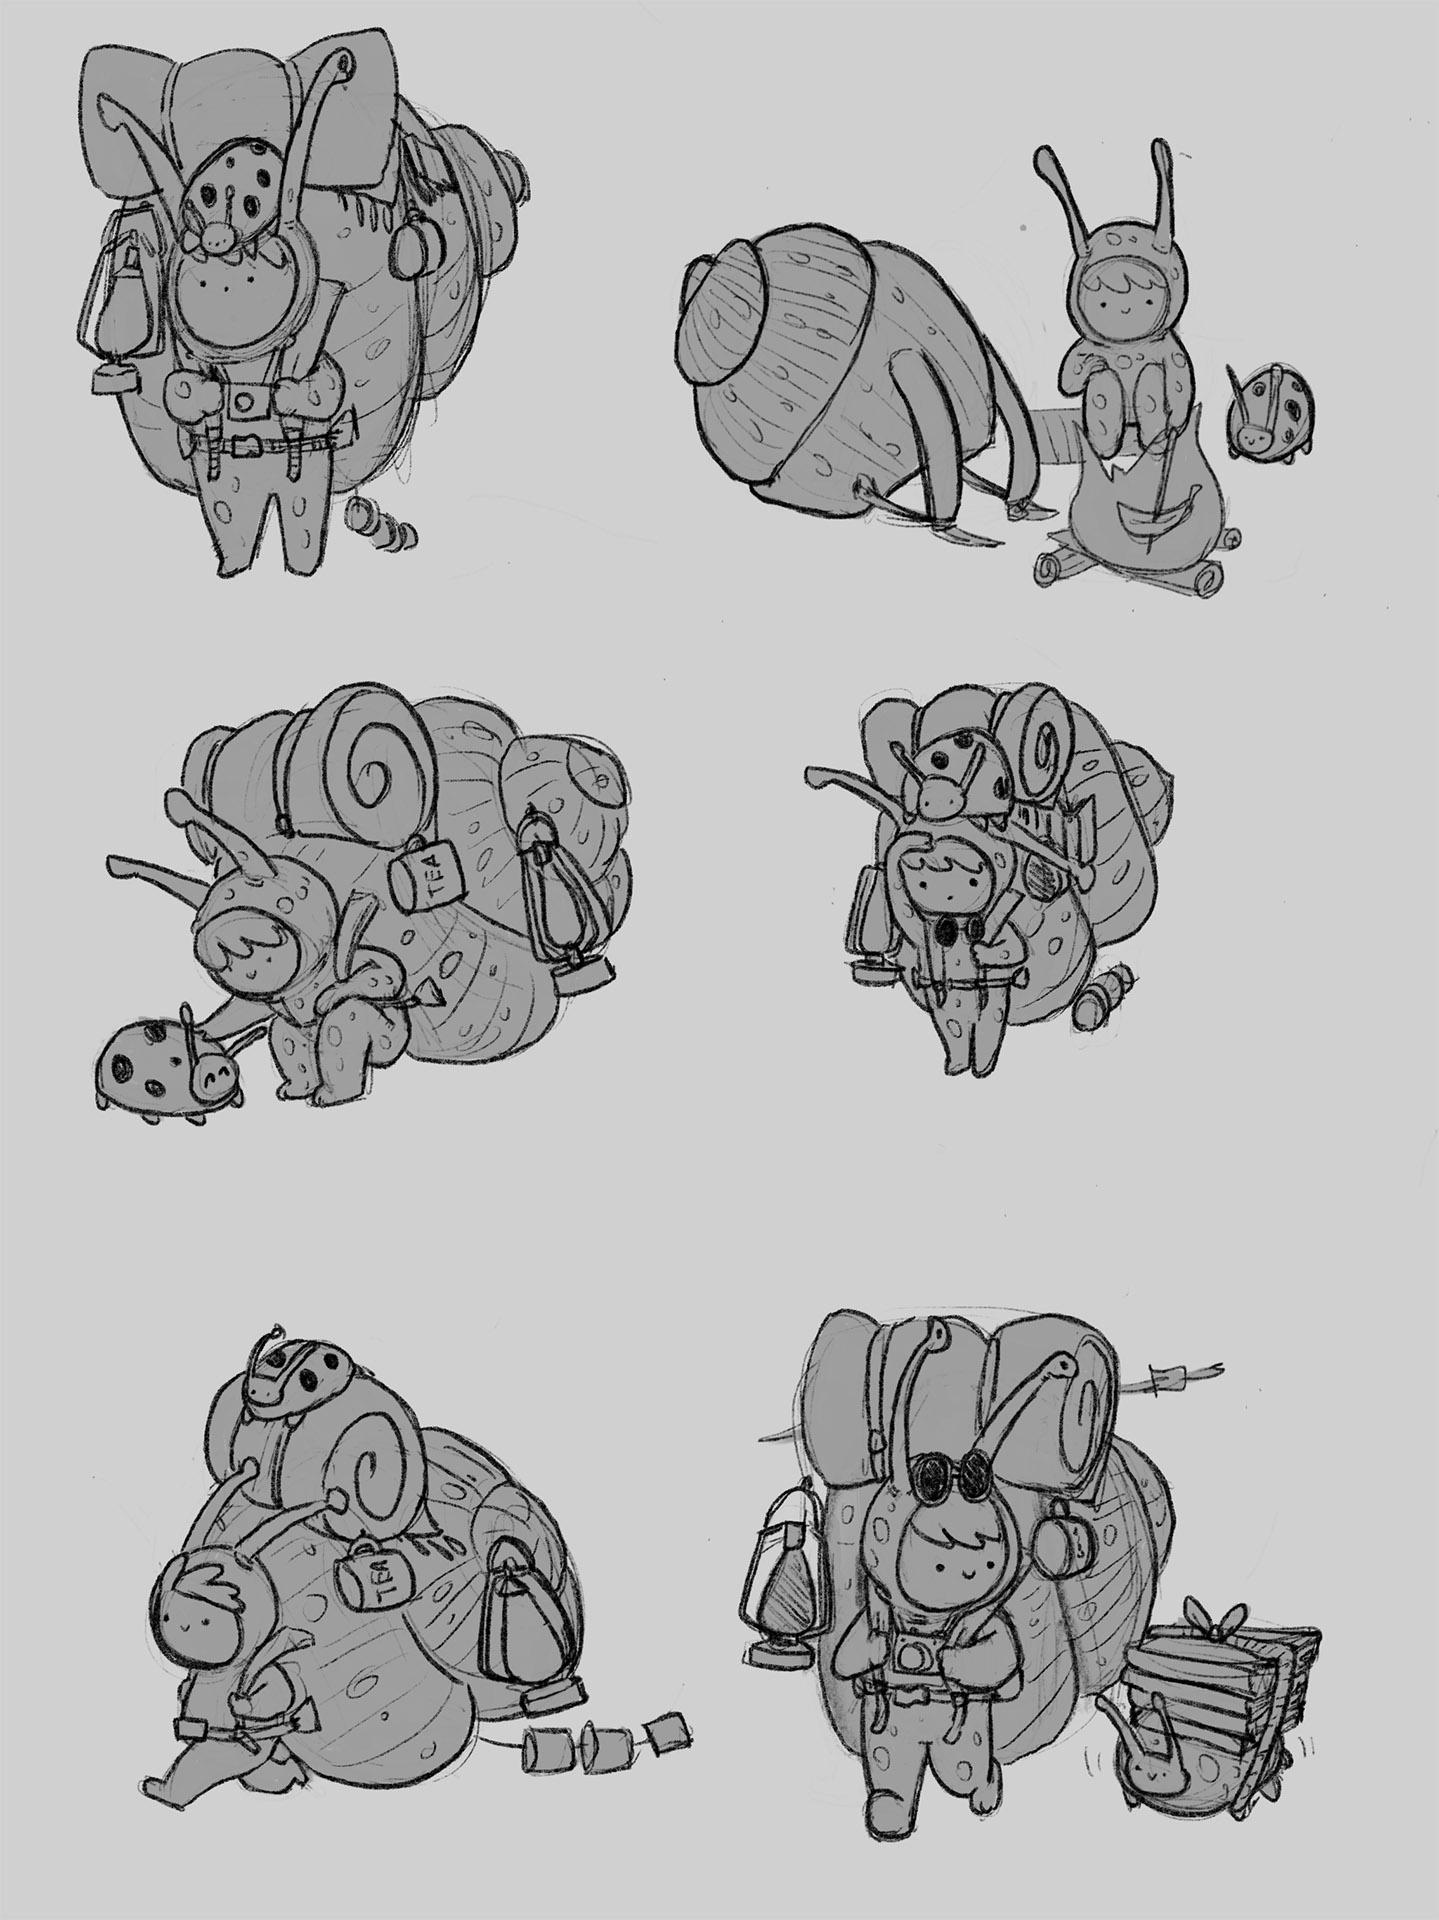 Backpacker sketch 1 image